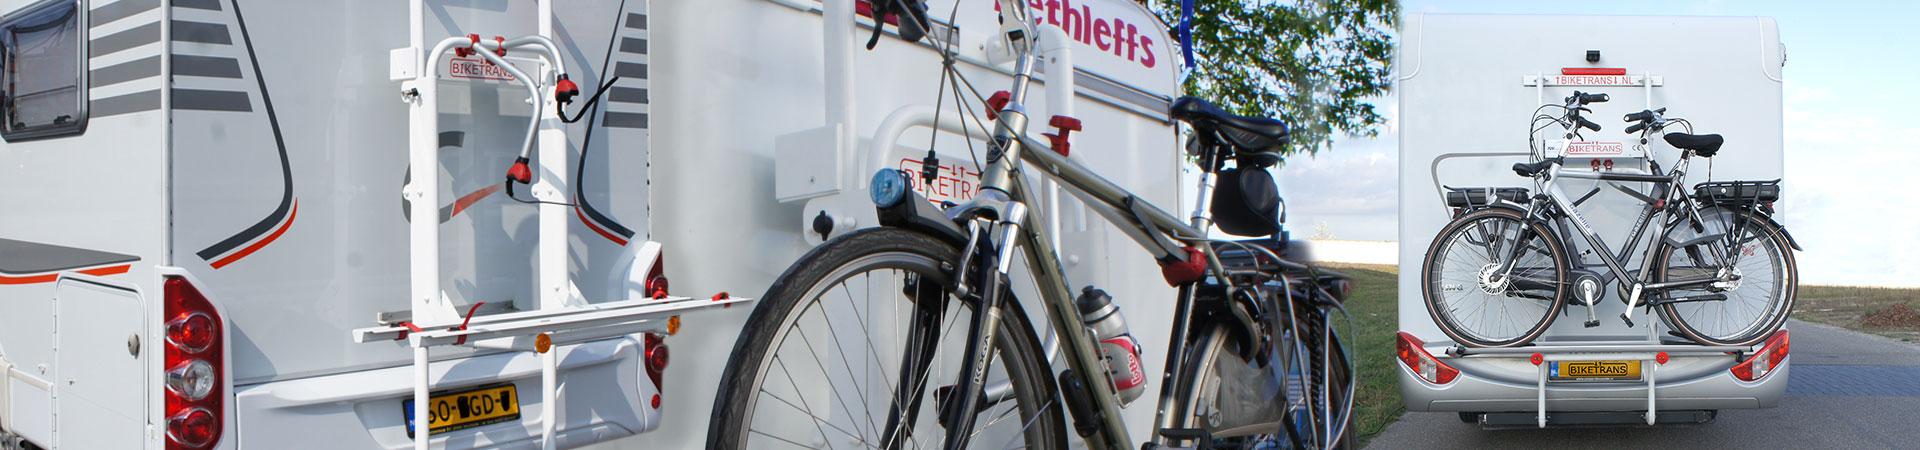 biketrans-slide